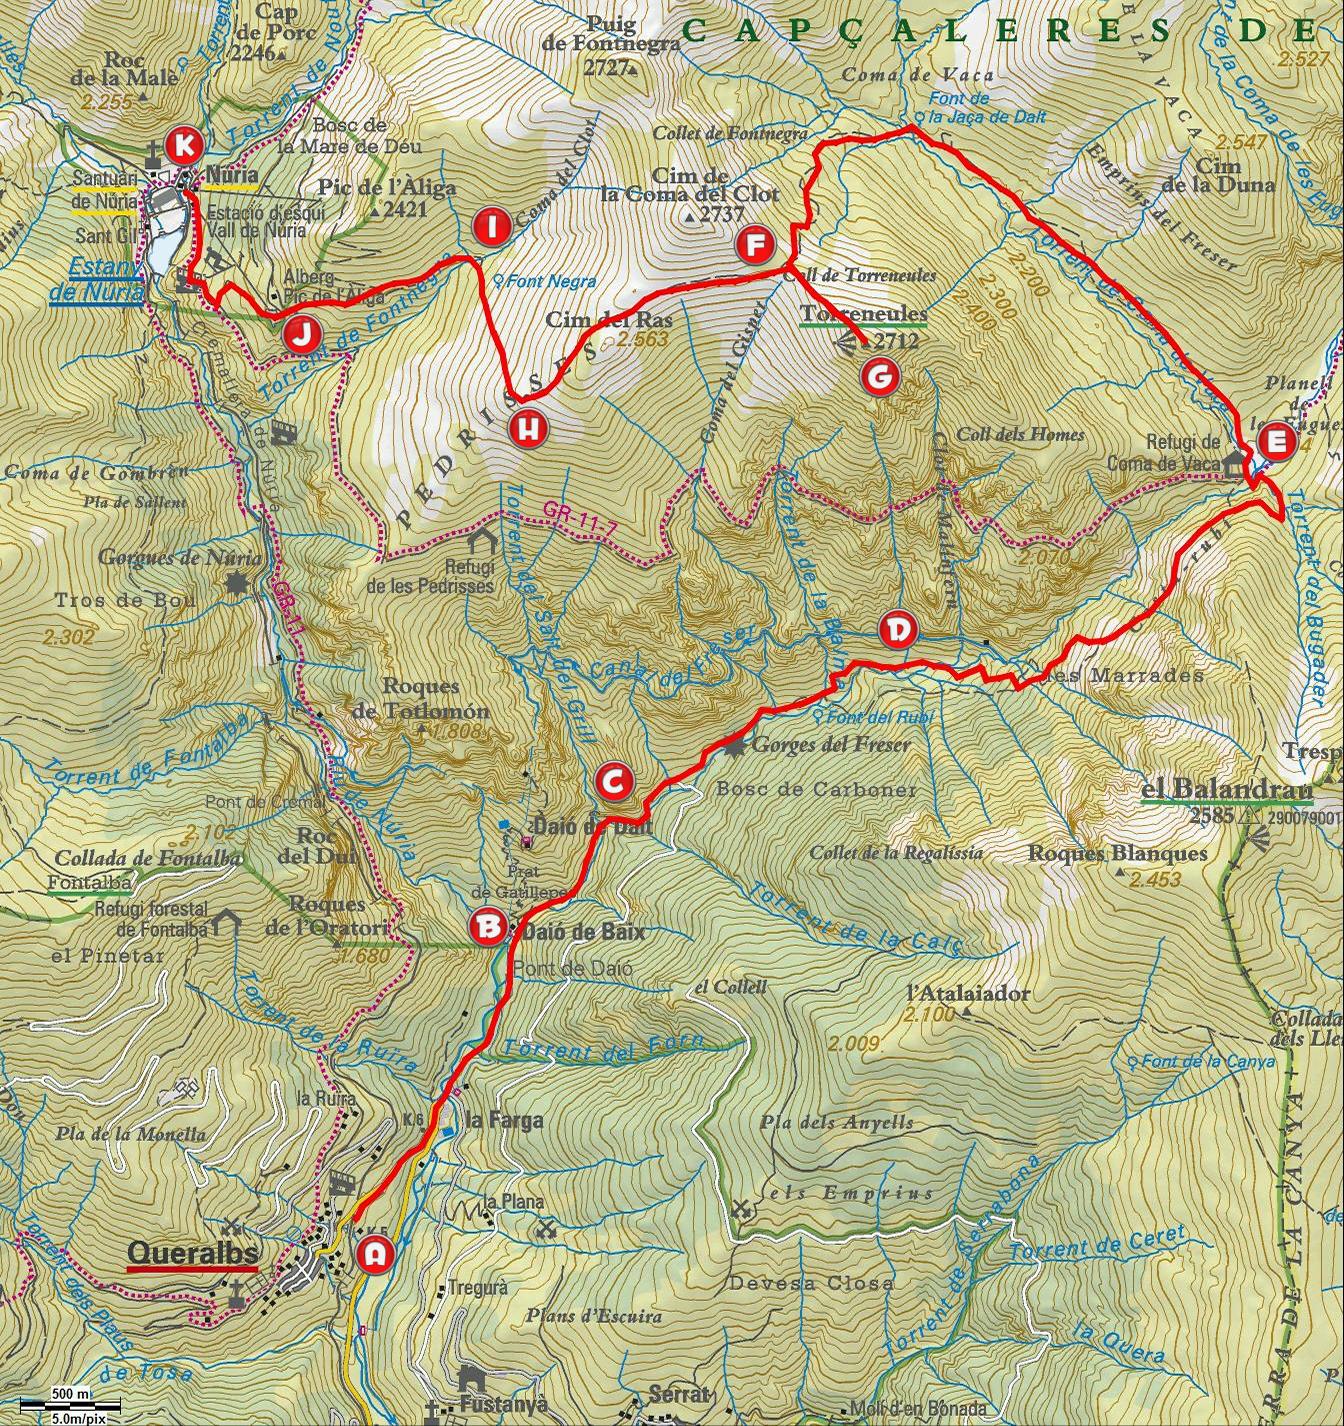 Vall de nuria photos, photos of vall de nuria, queralbs, attraction pictures, vall de nuria photo, photographs, fotos